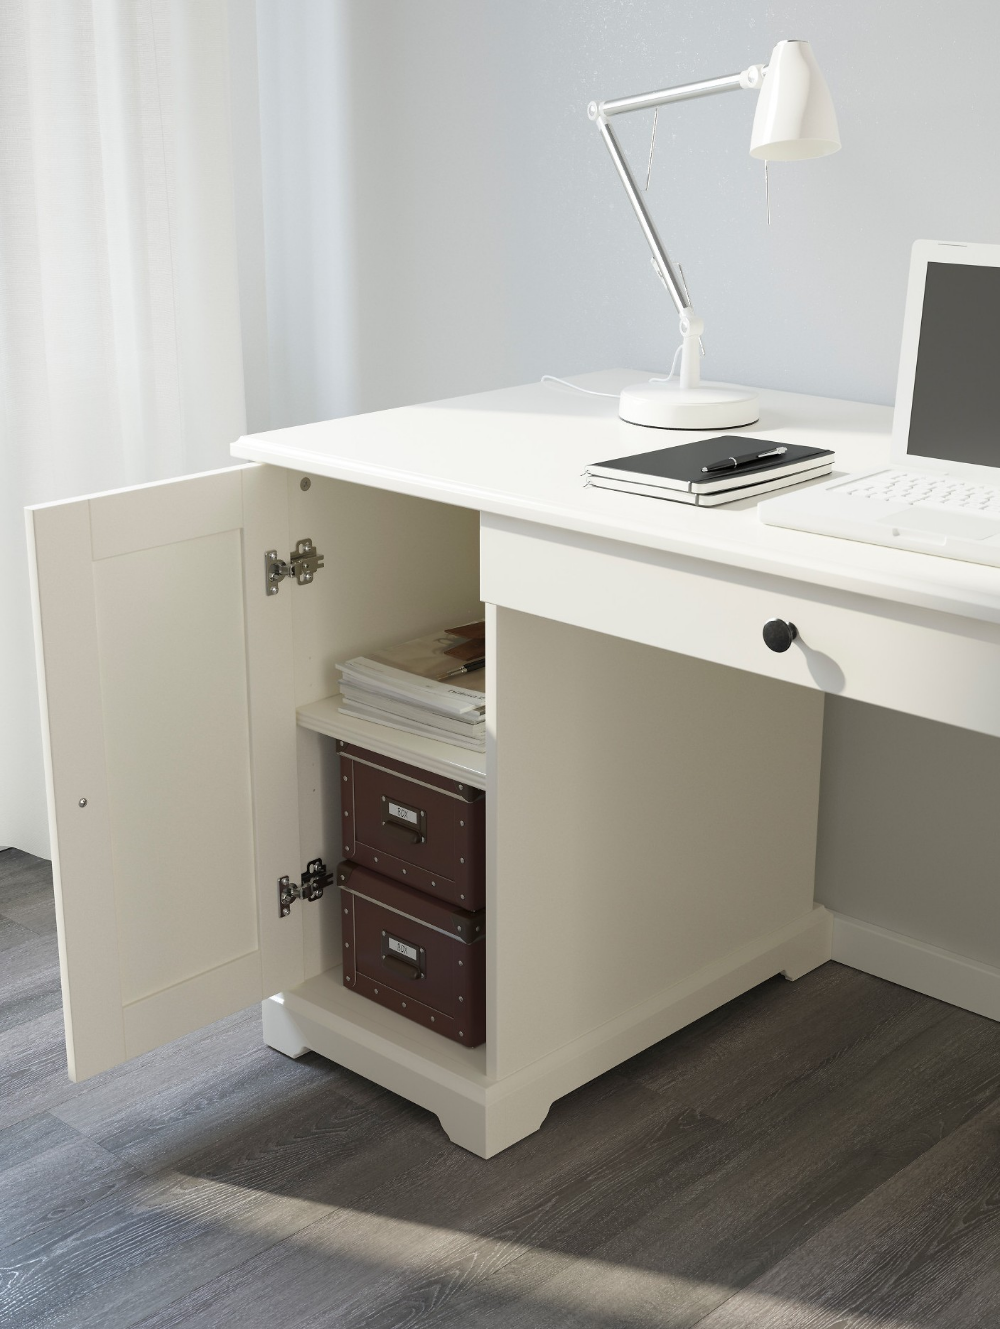 Письменный стол икеа — обзор лучших моделей столов. ( фото в интерьере)